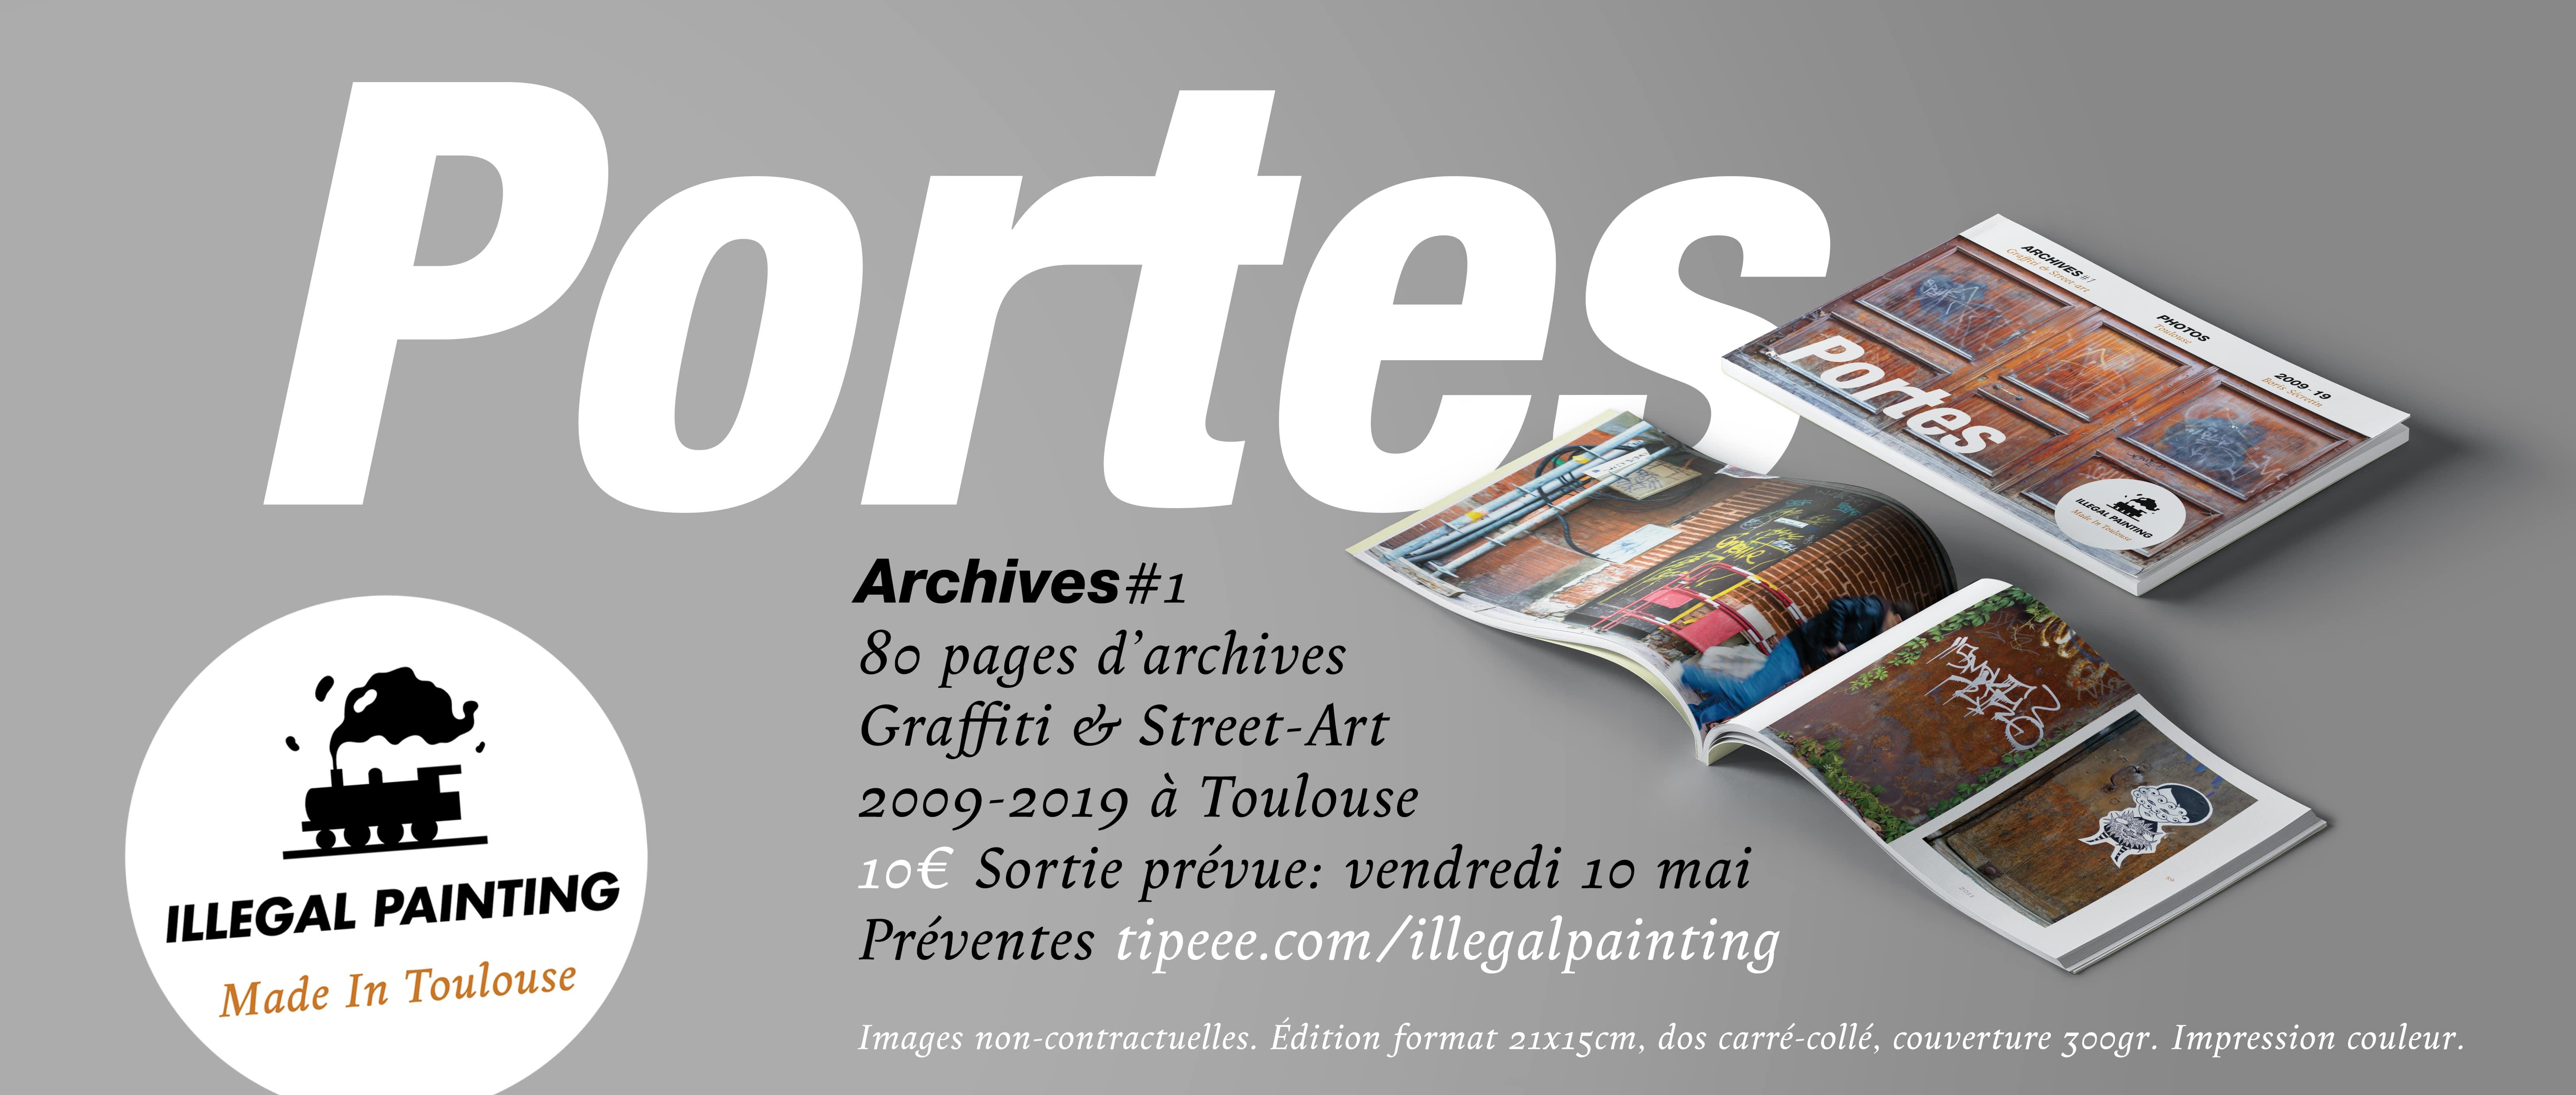 Portes, Archives graffiti & Street-Art \u00e0 Toulouse 09-19